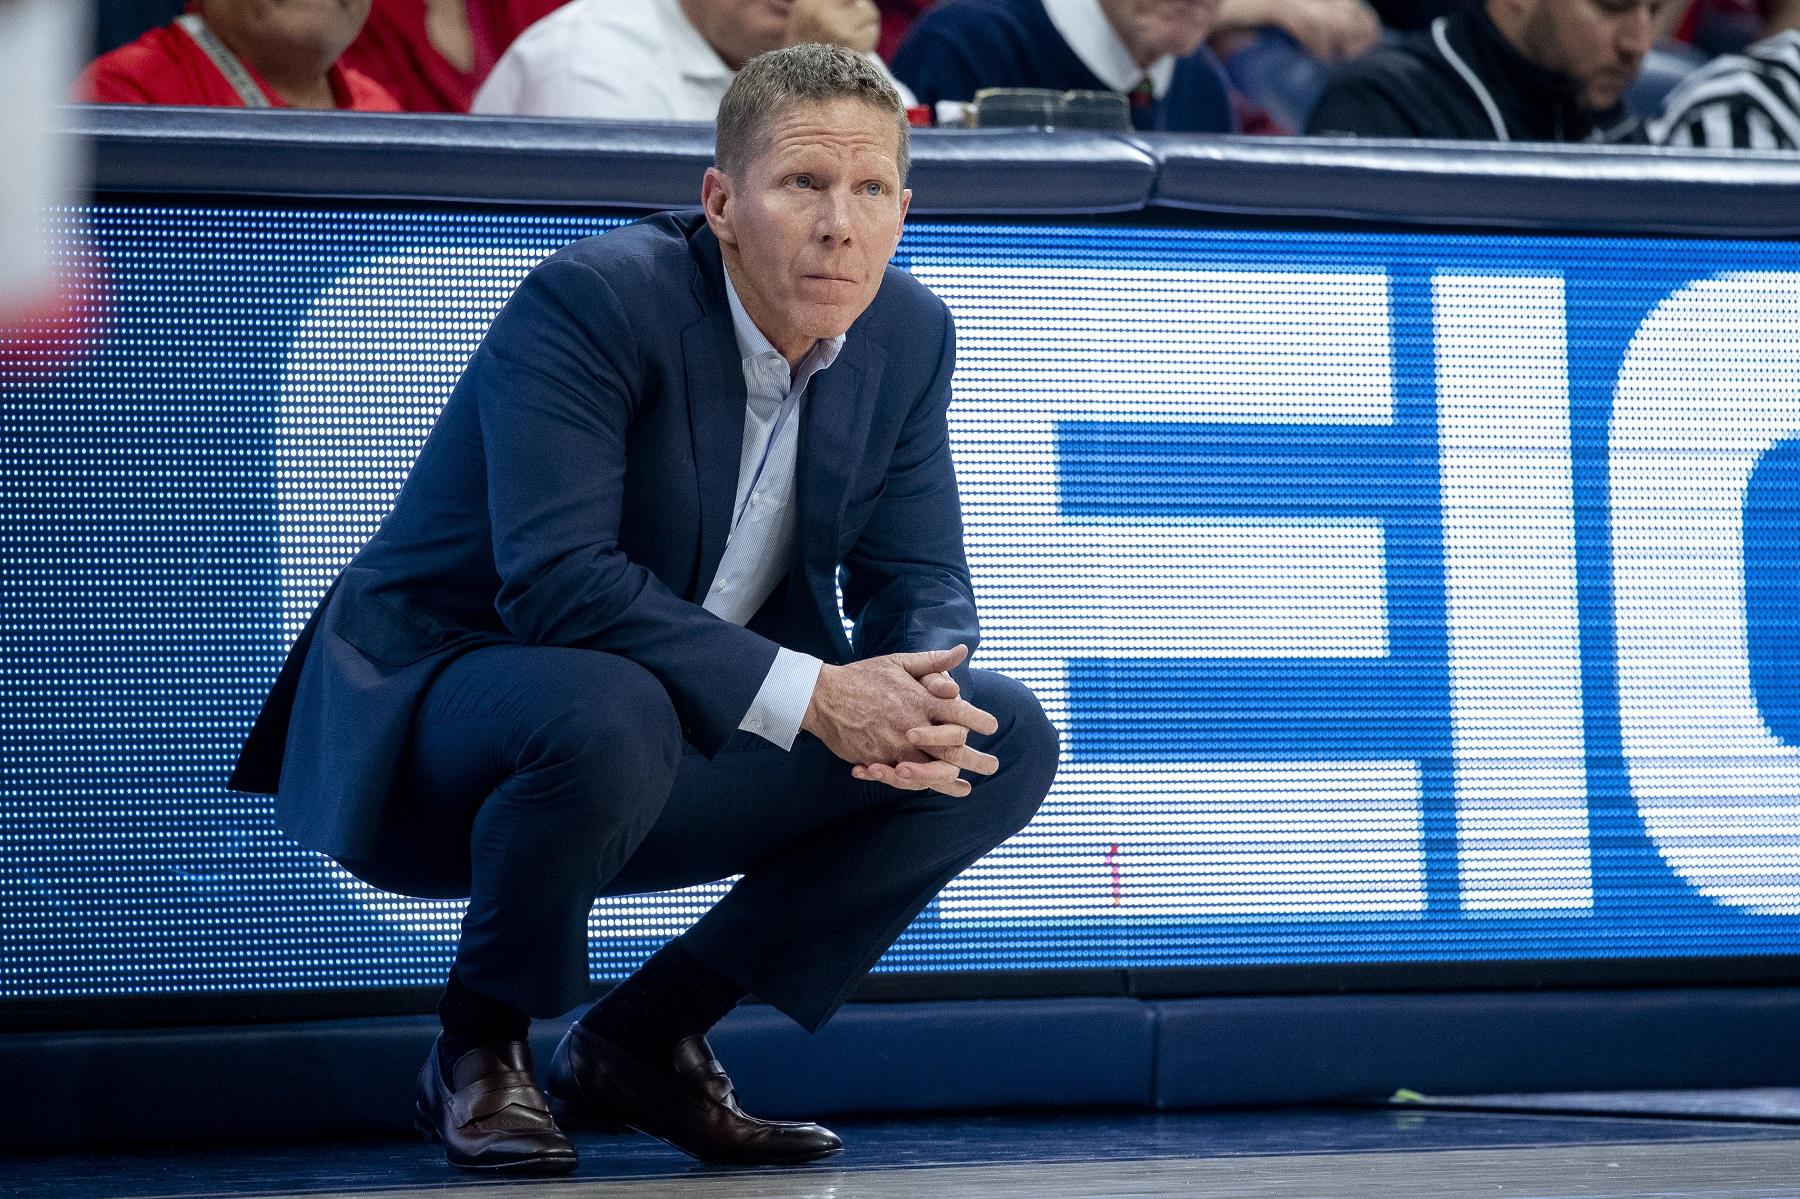 Gonzaga basketball coach Mark Few